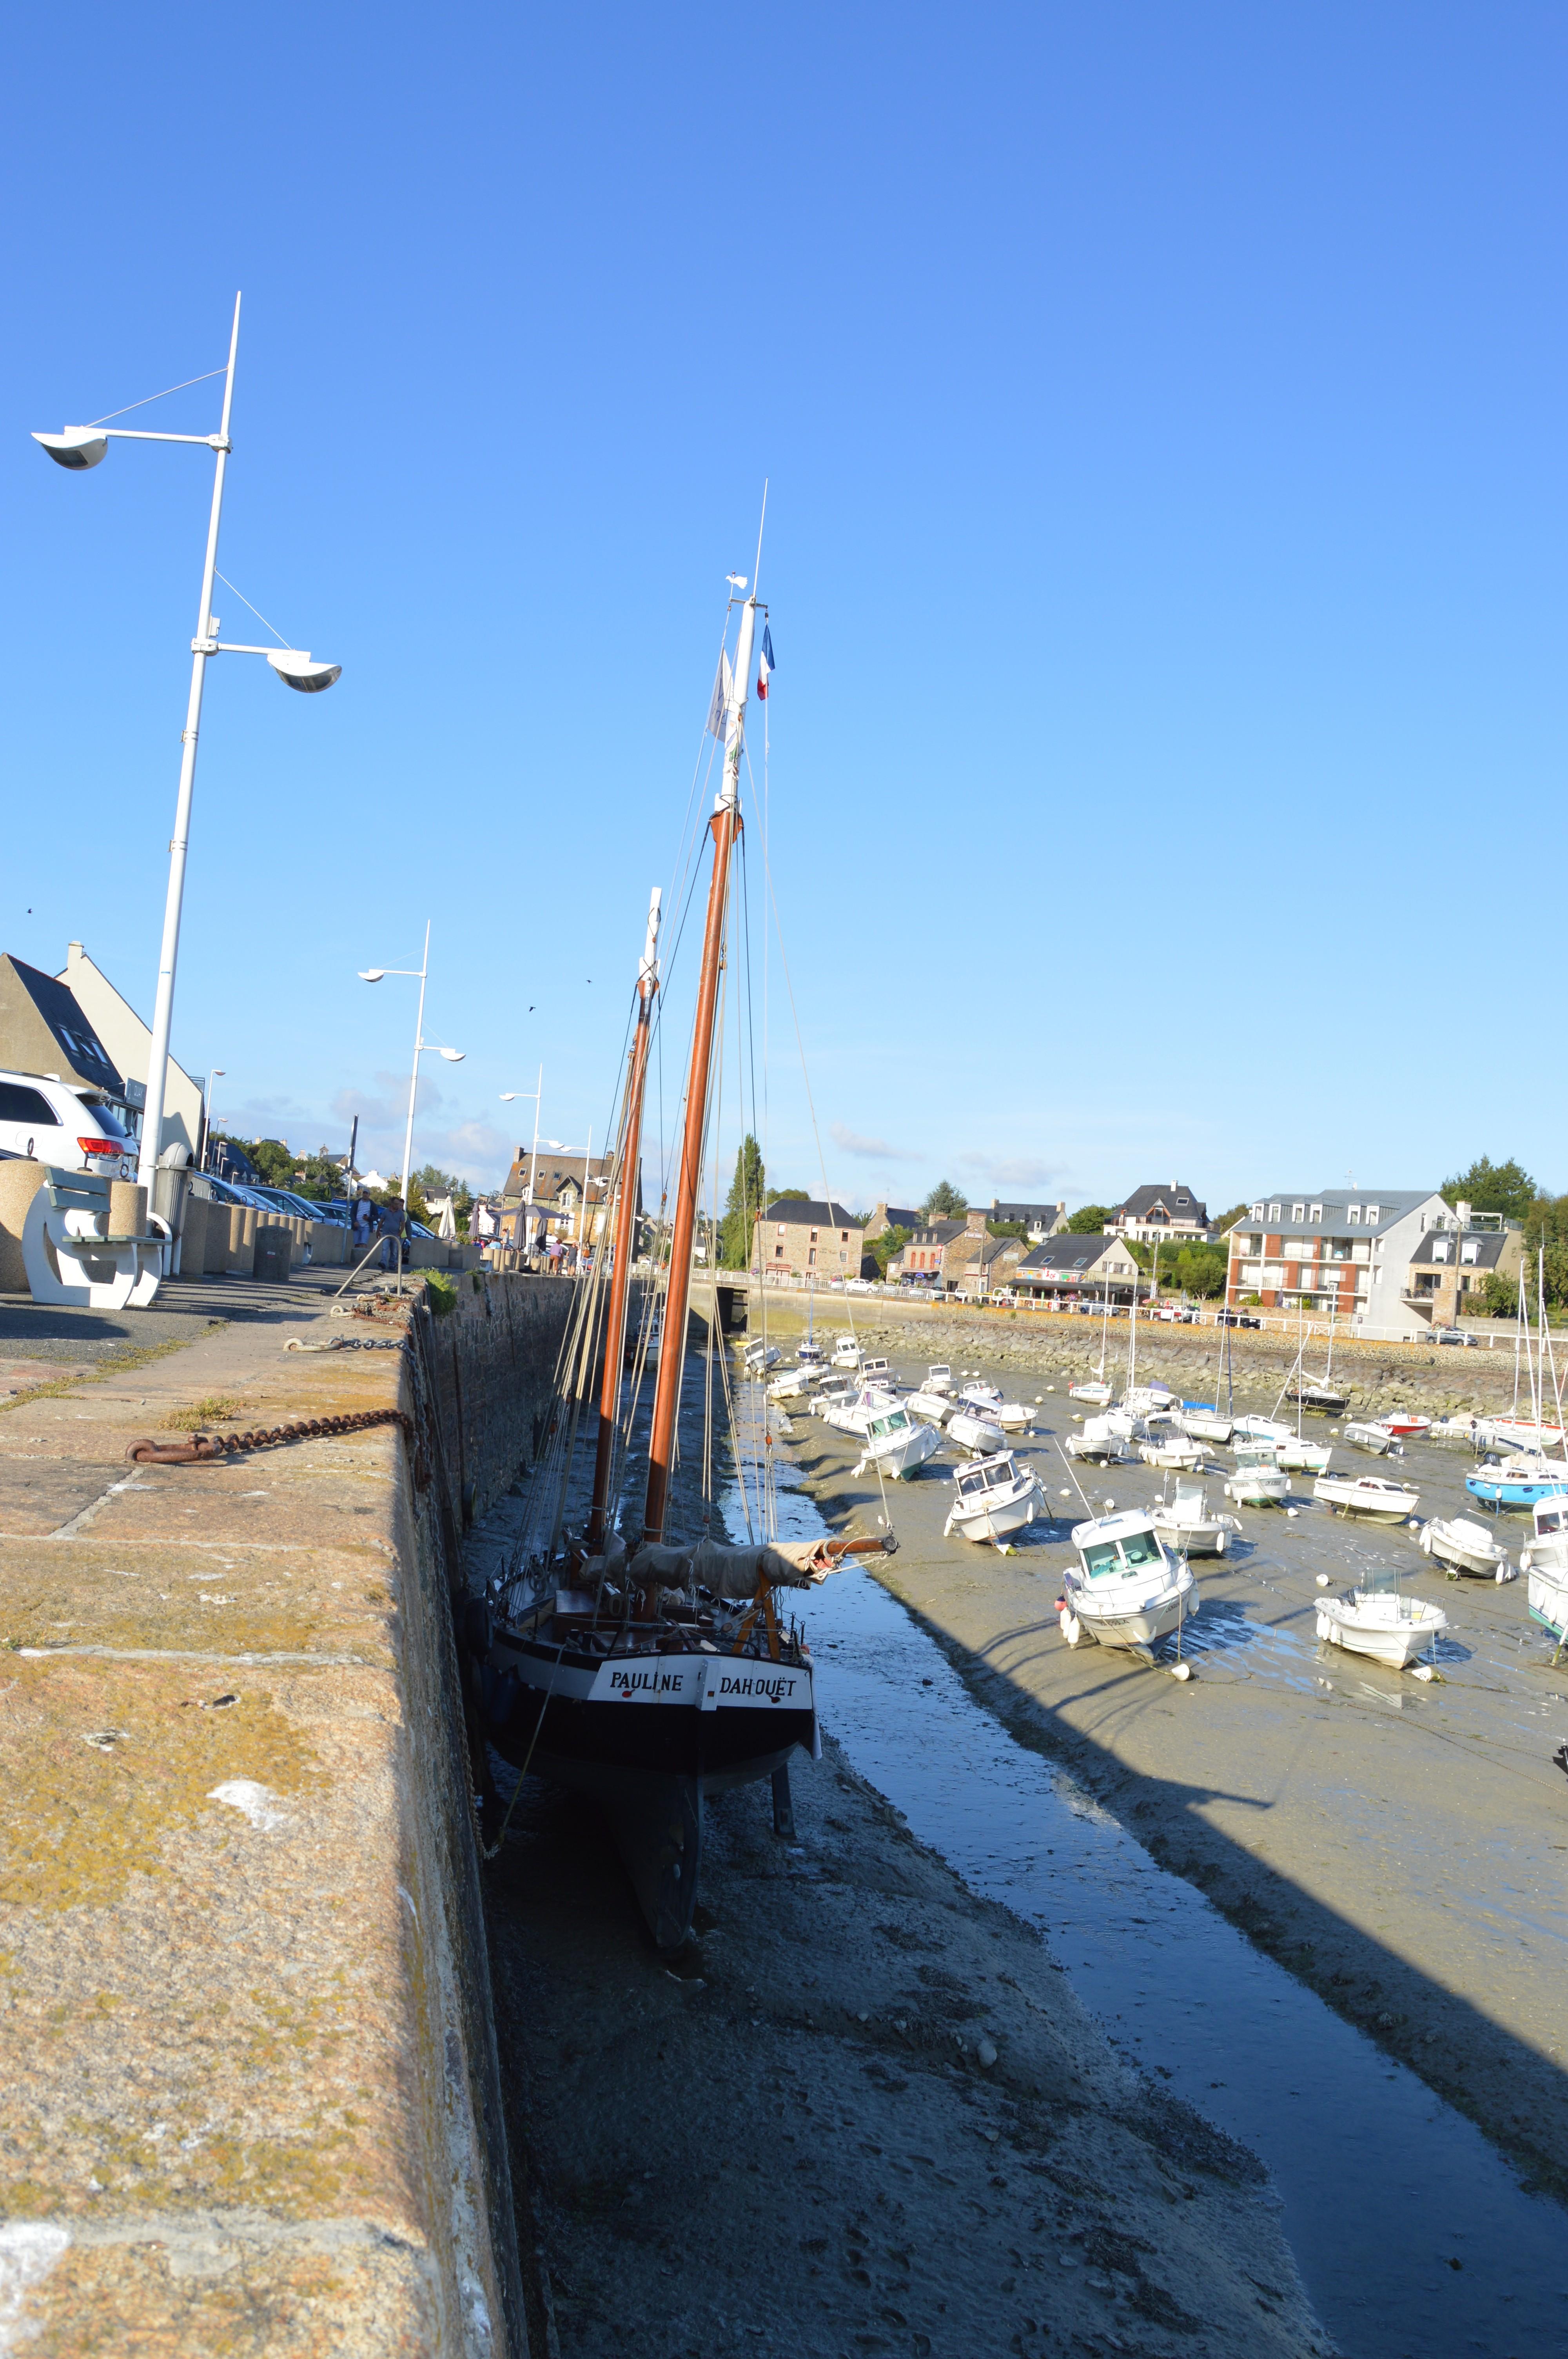 Port de Dahouët, Pléneuf-Val-André.